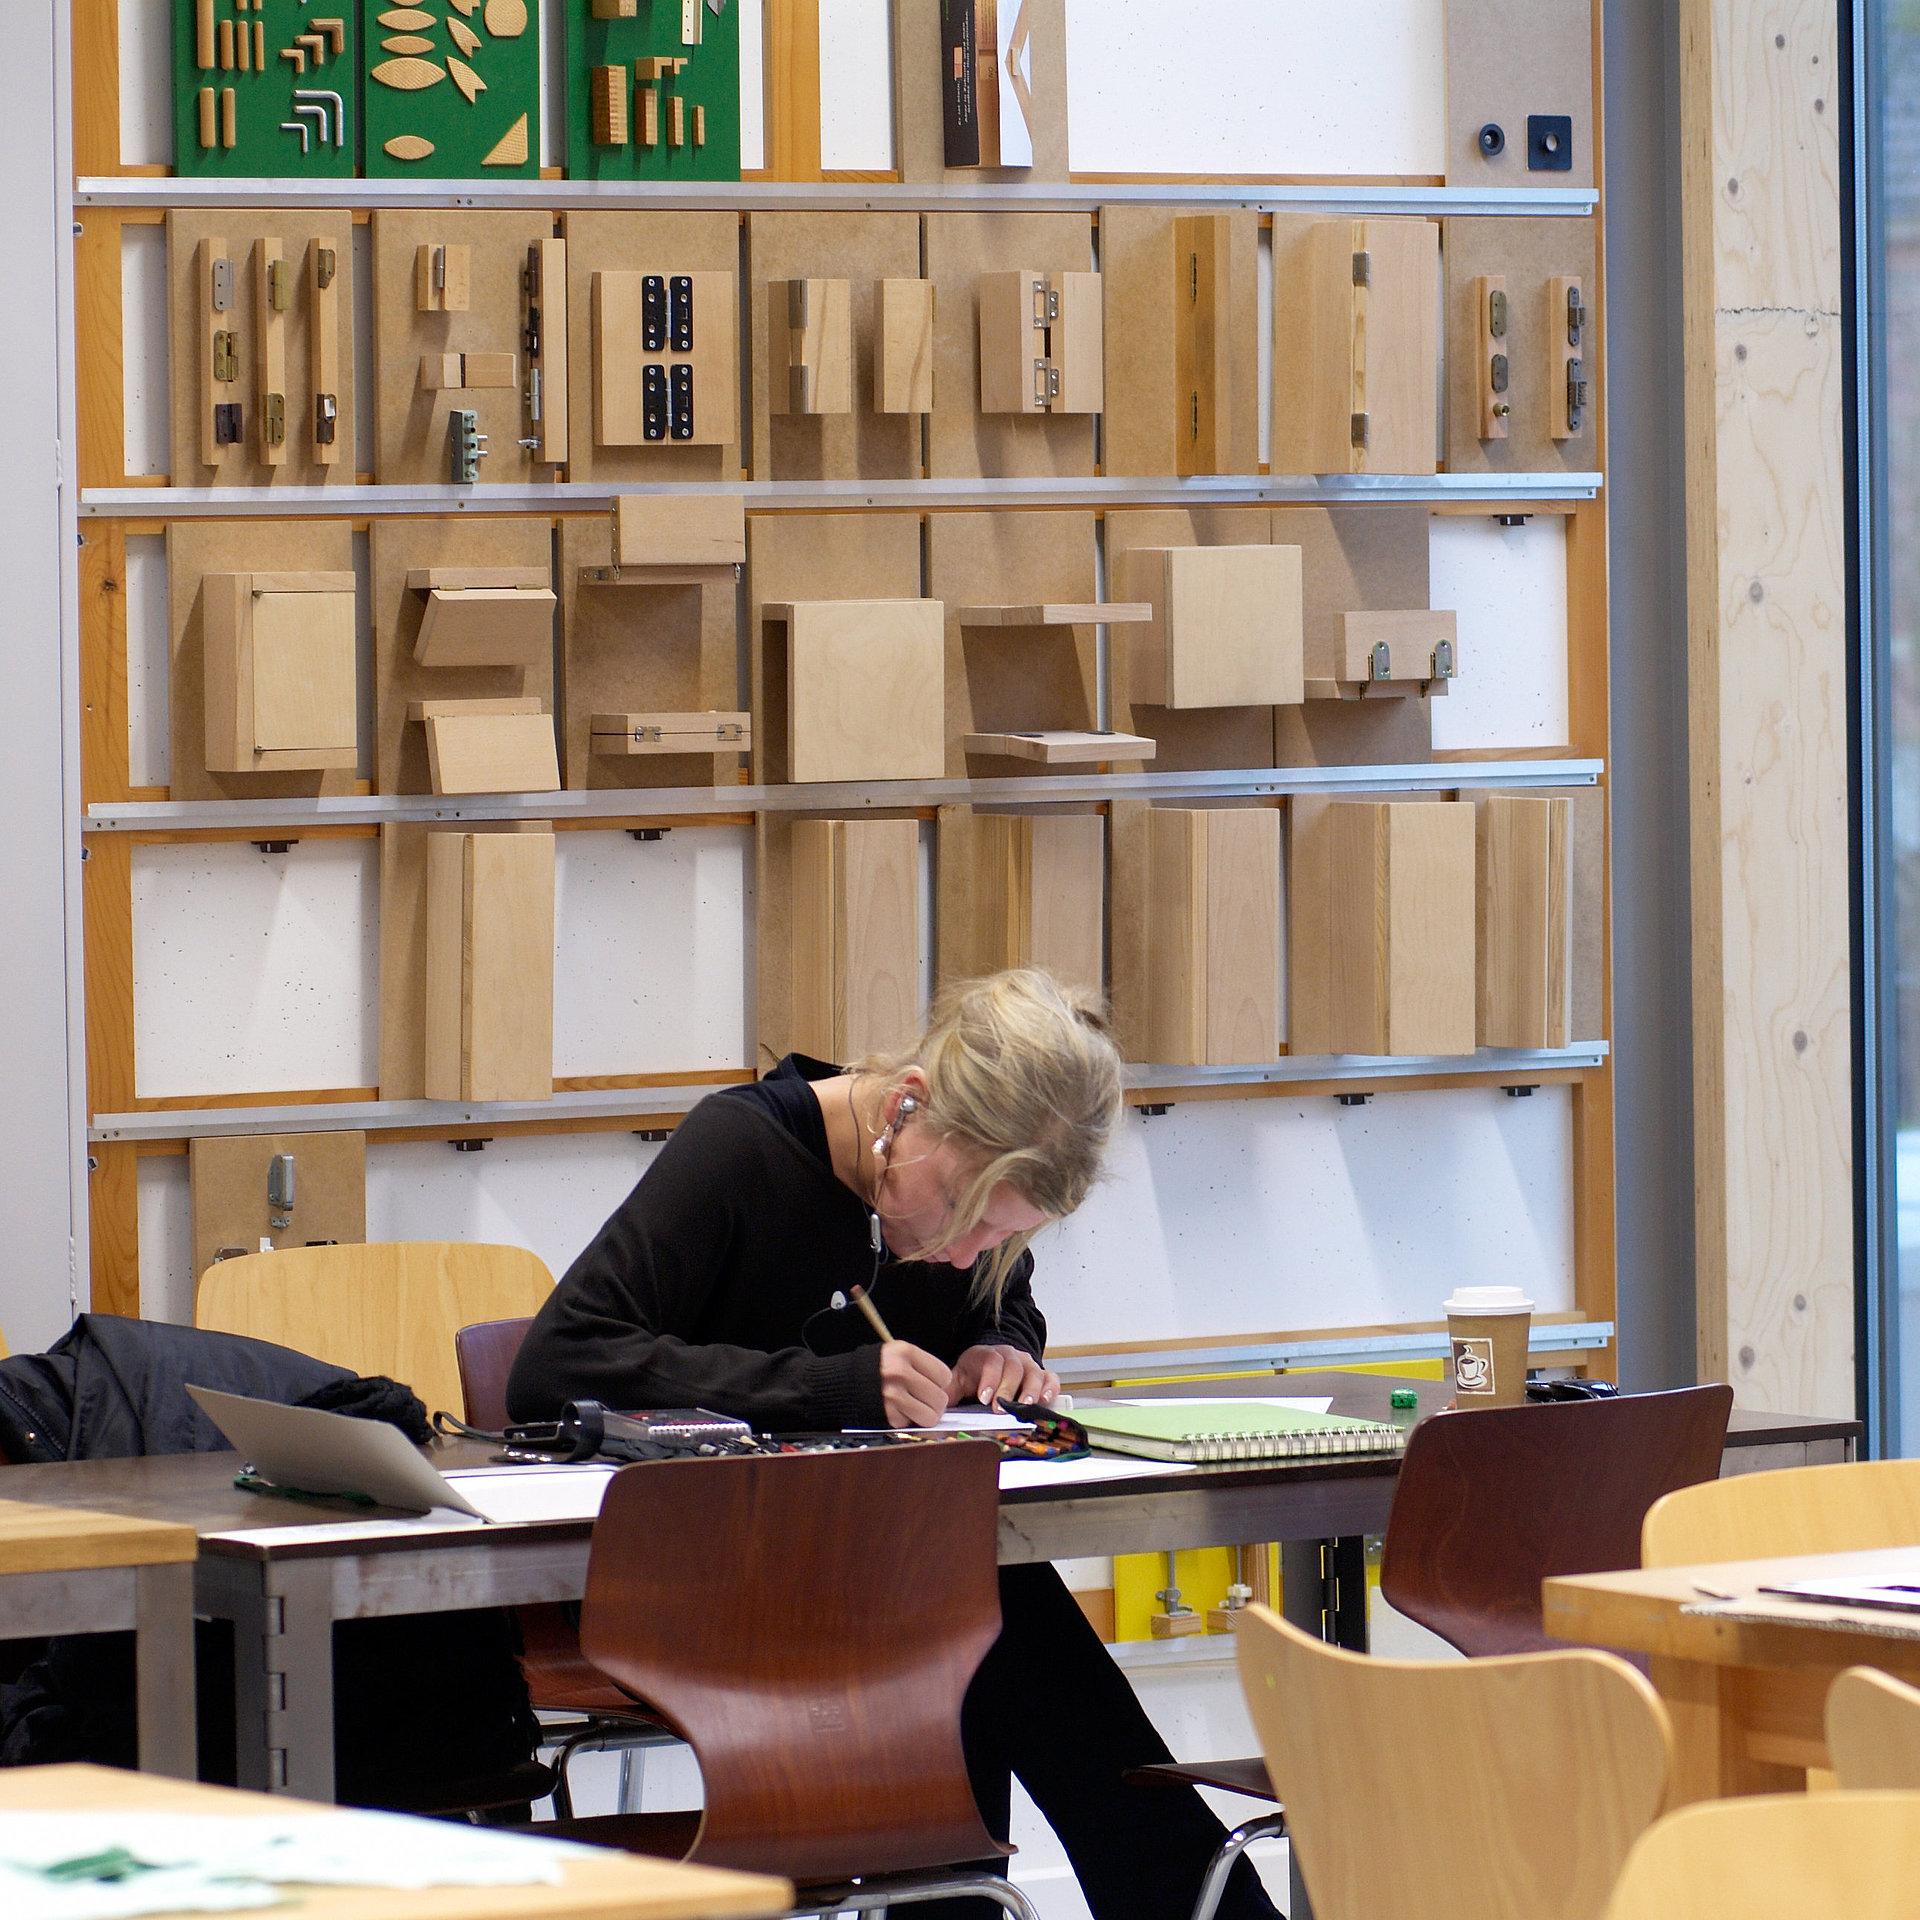 Wir sind die Detmolder Schule Detmolder Schule für Architektur ...